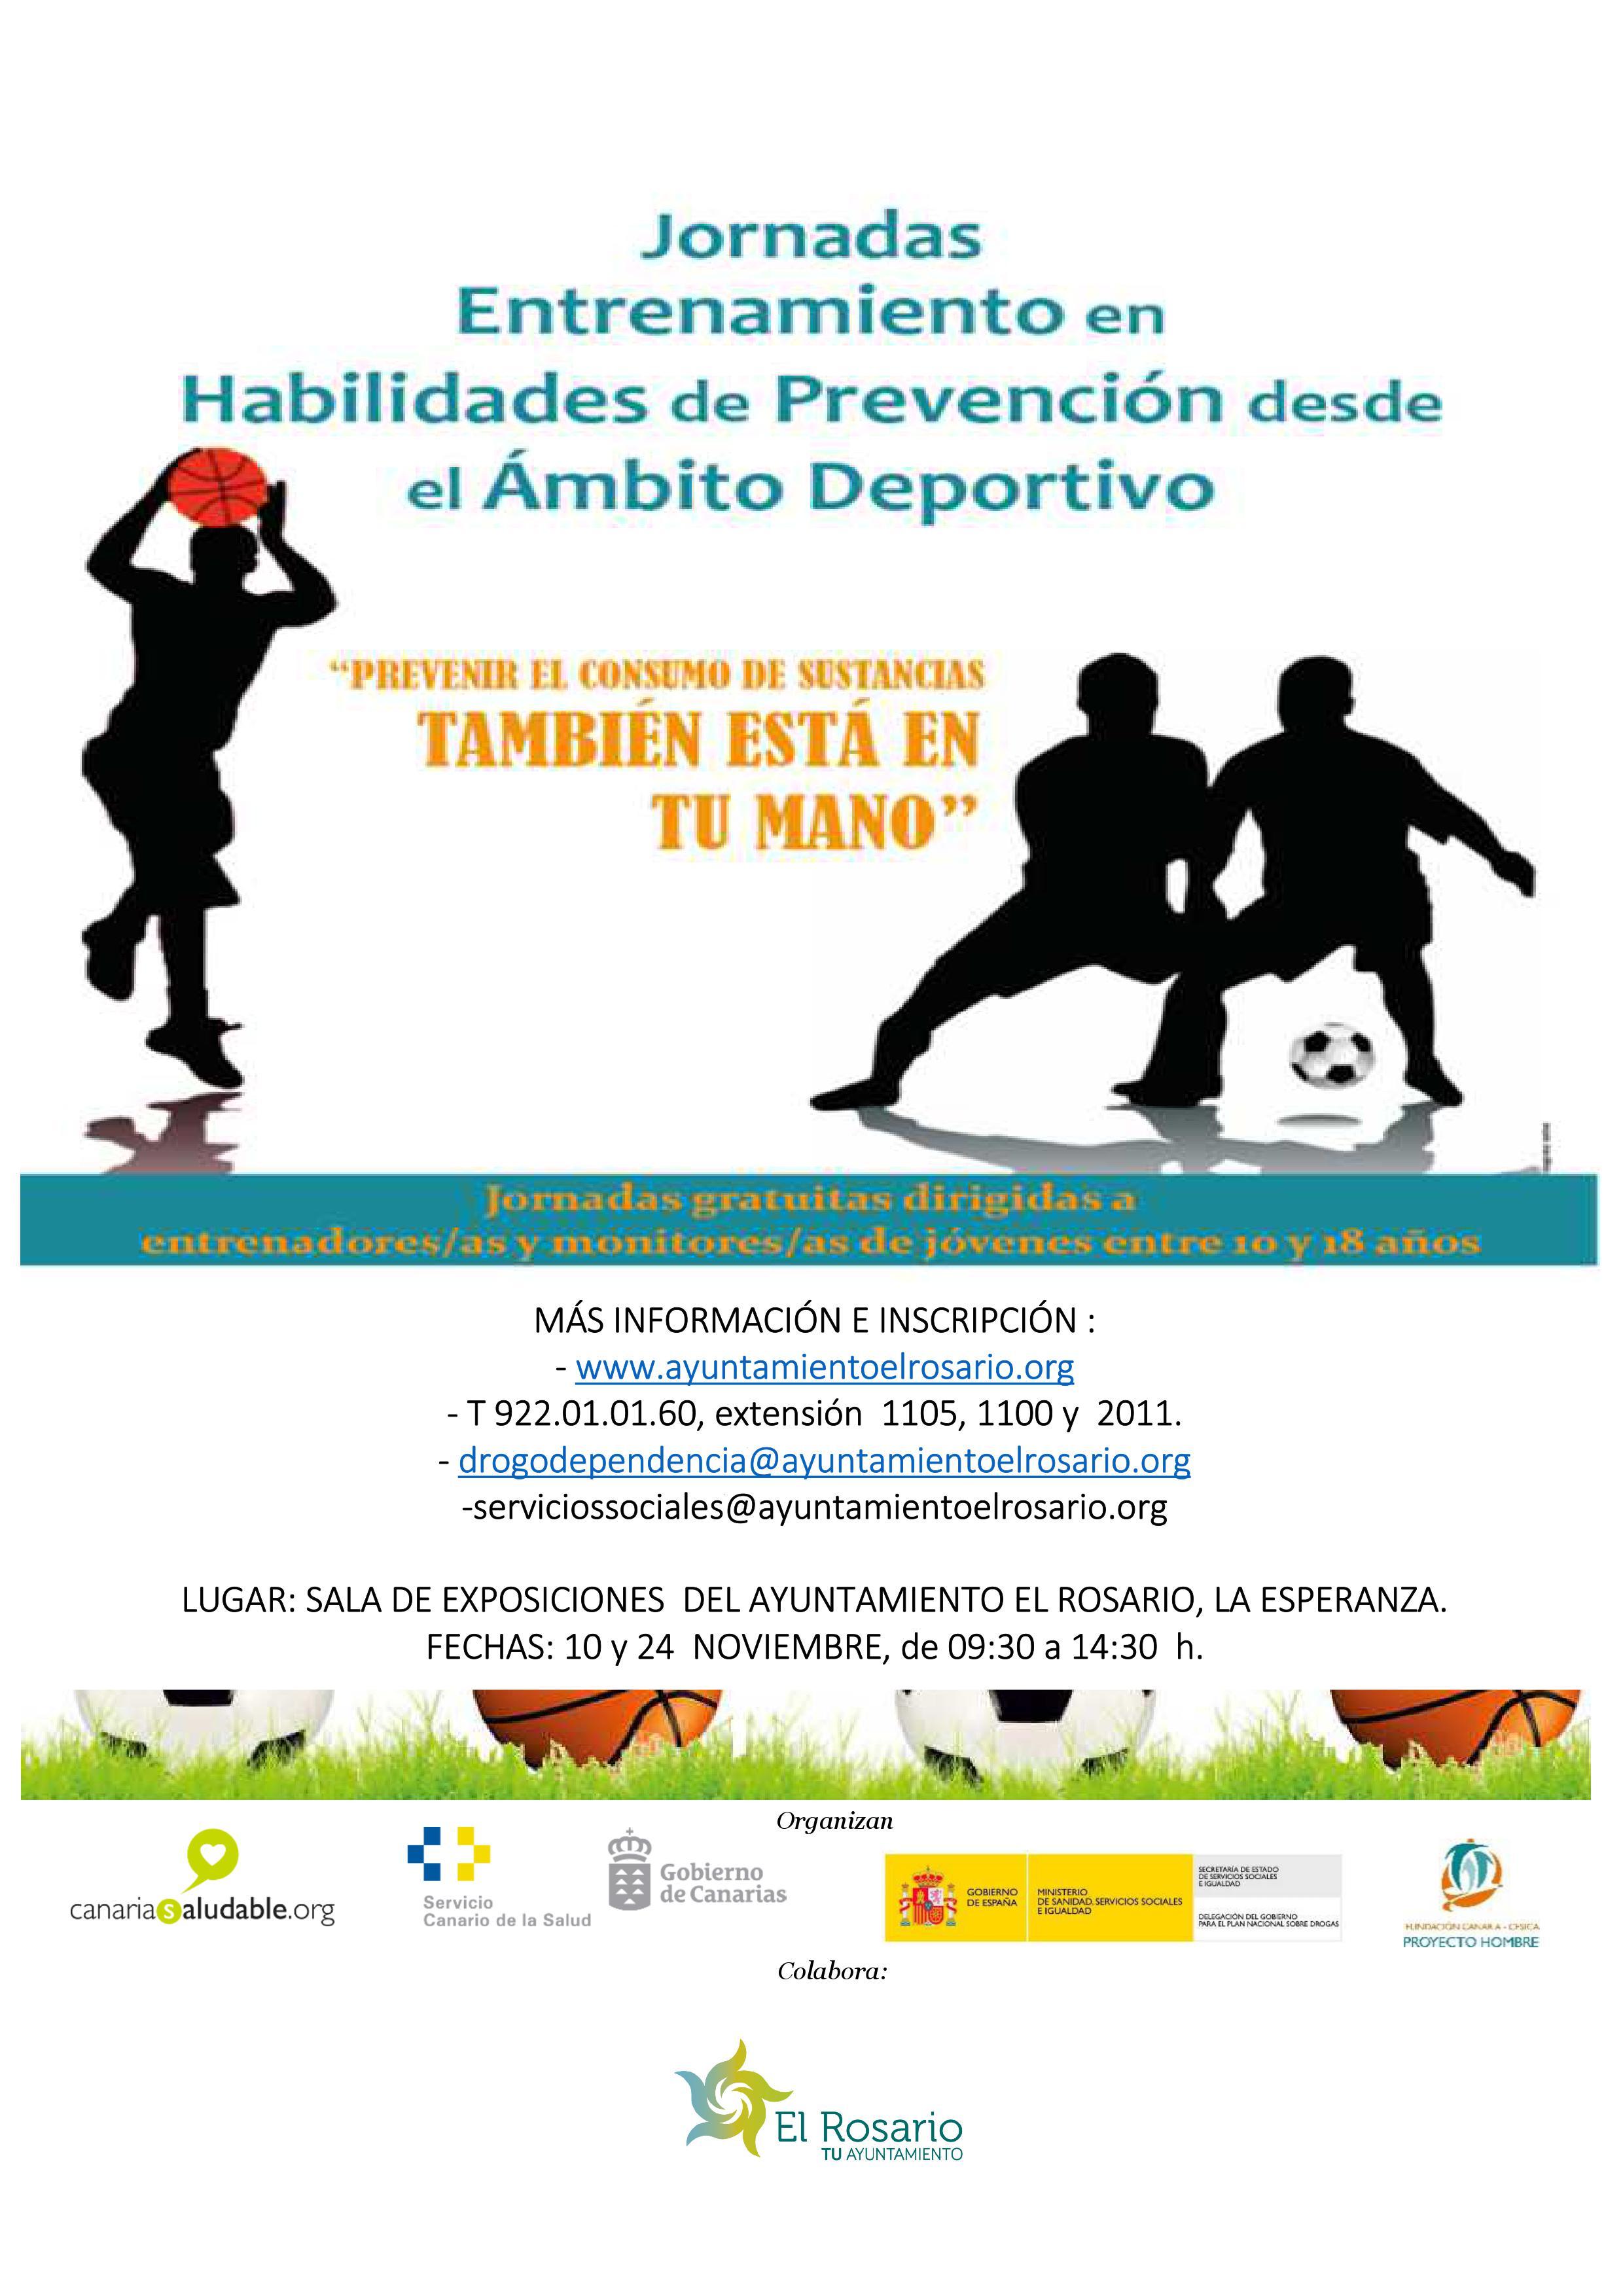 Cartel Jornadas de Habilidades en Prevención